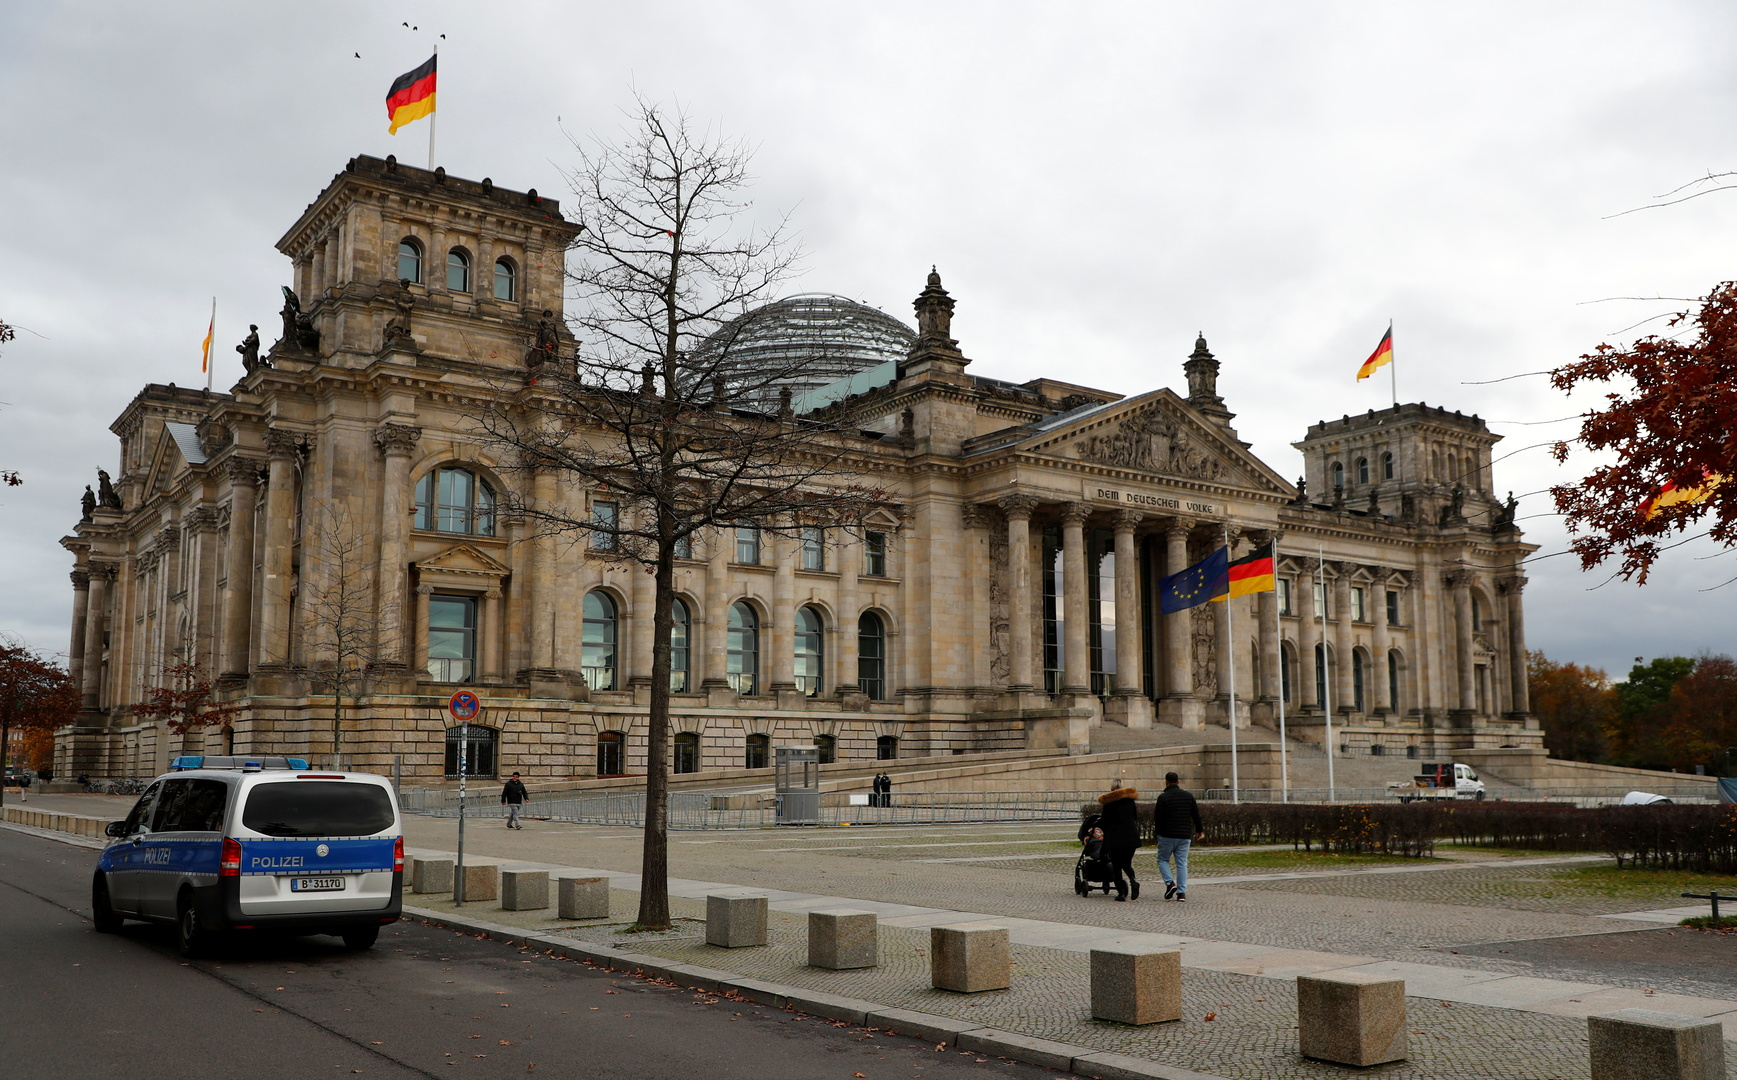 ألمانيا تعزز تدابيرها الأمنية لحماية البرلمان بعد أحداث اقتحام الكونغرس الأمريكي